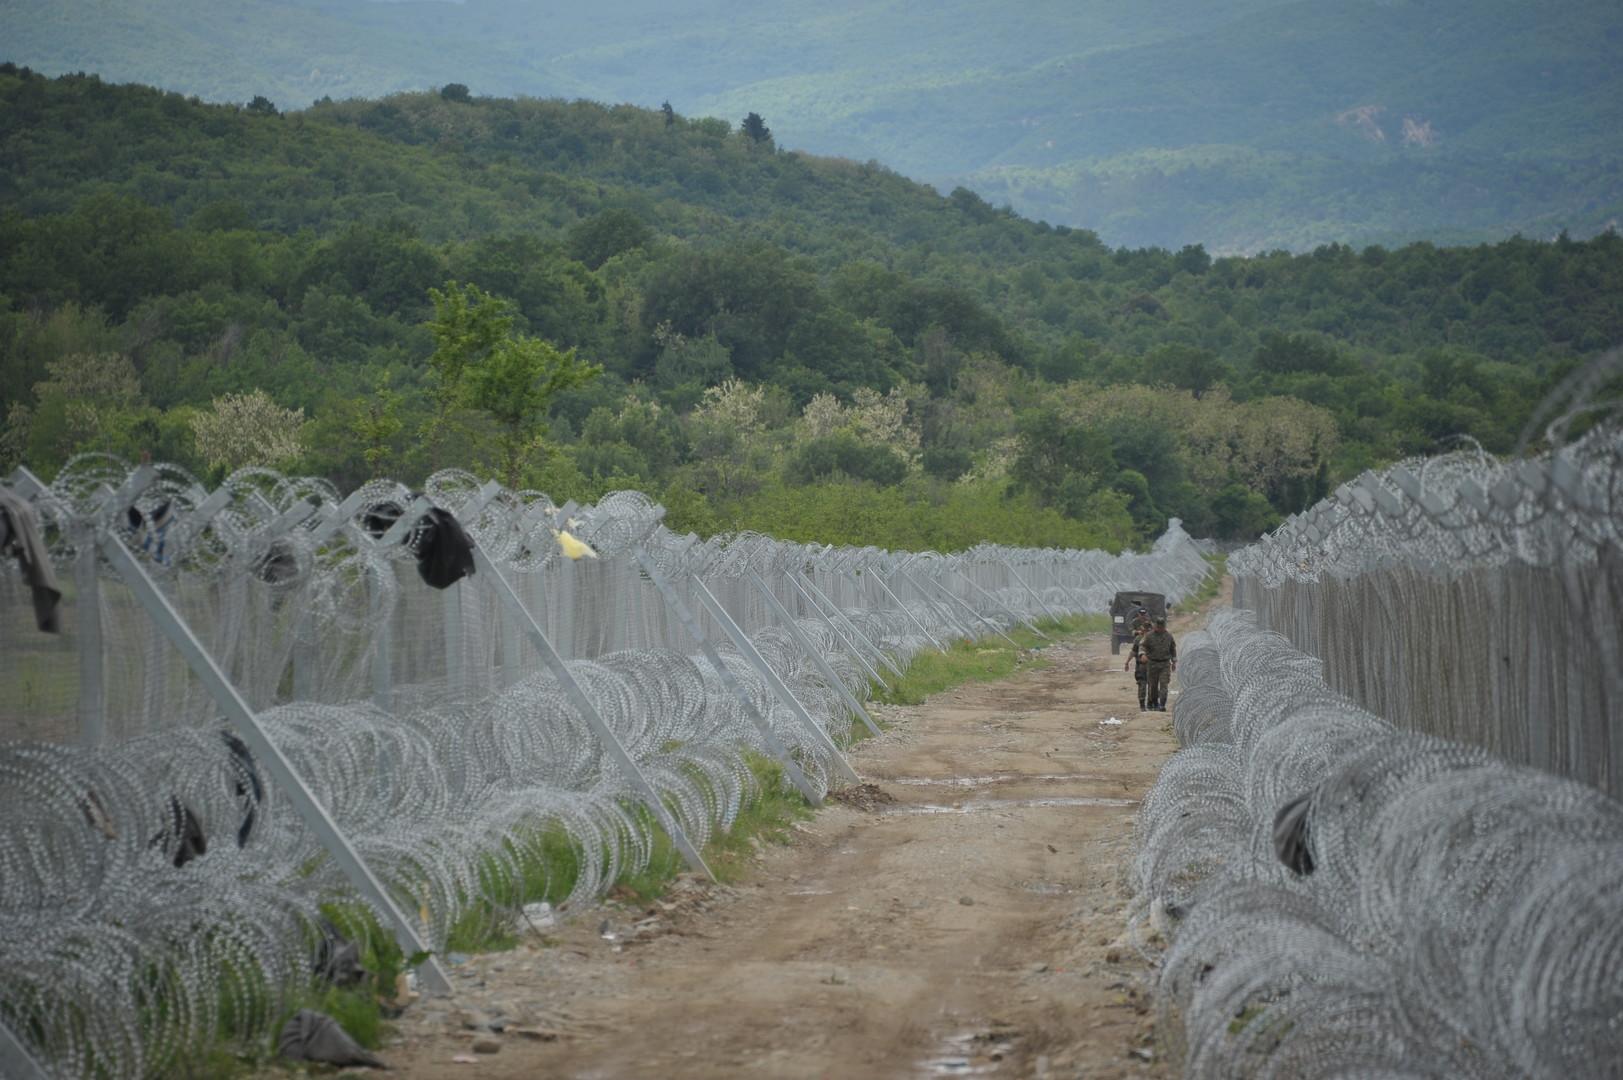 """Ein gesicherter Abschnitt der griechisch-mazedonischen Grenze in der Nähe des Flüchtlingslagers """"Vinojug"""""""